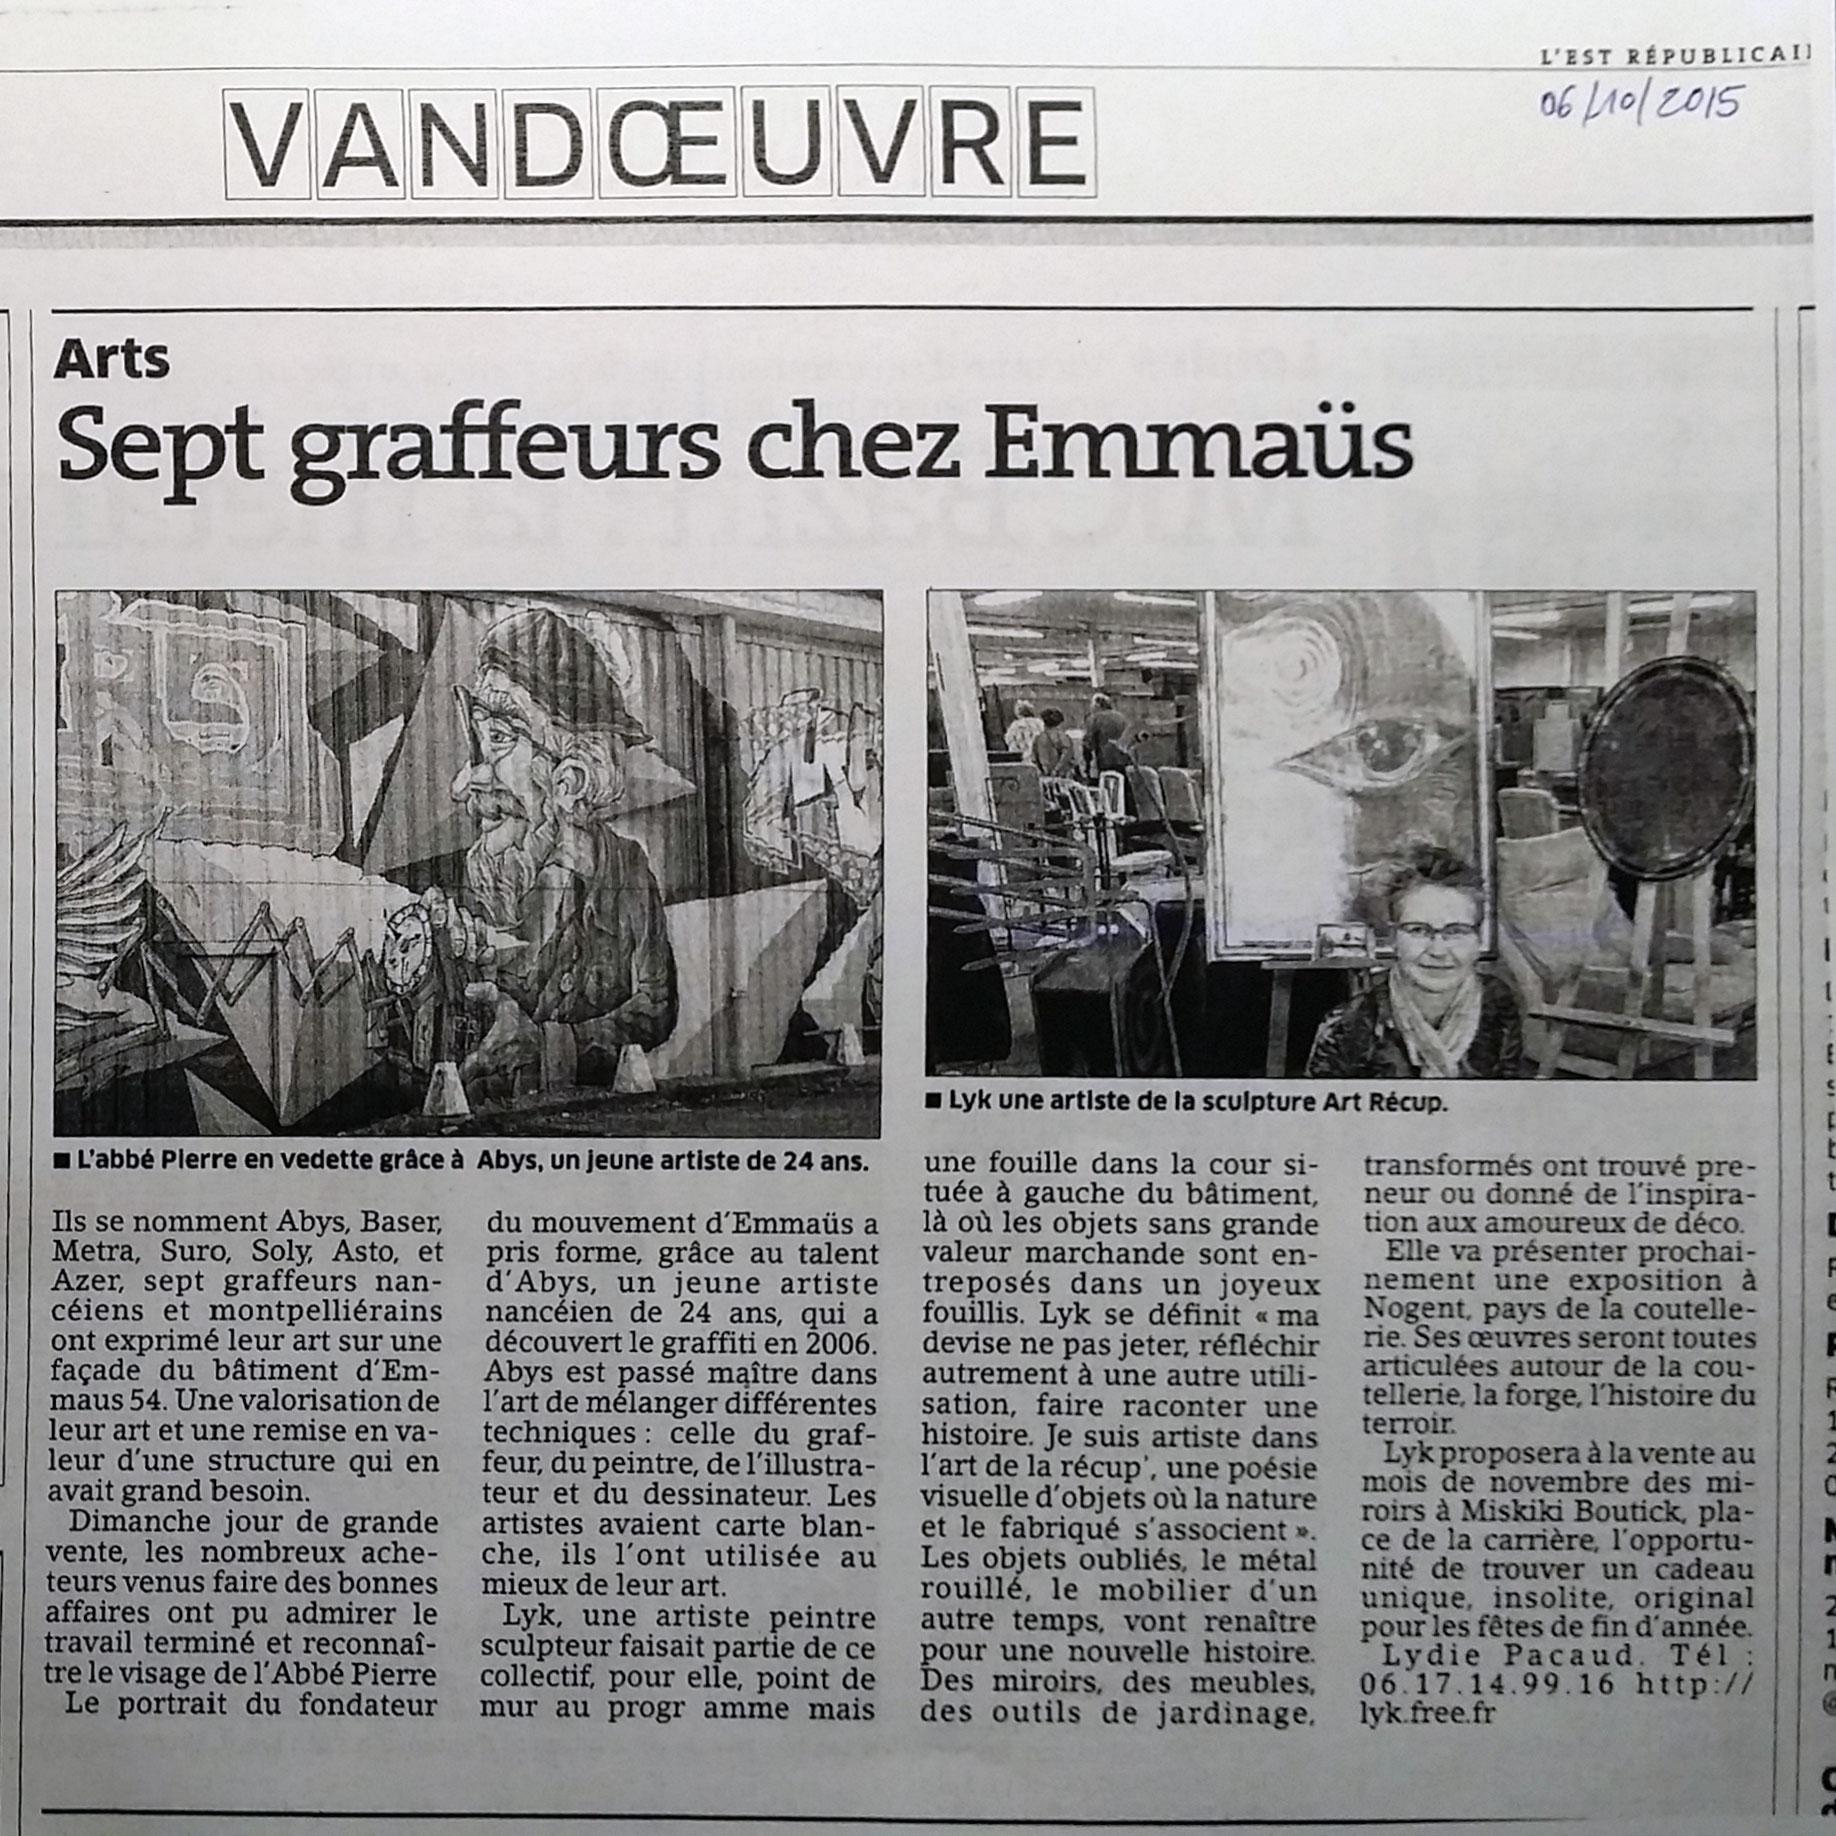 2015-10-06-Article-Est-Républicain